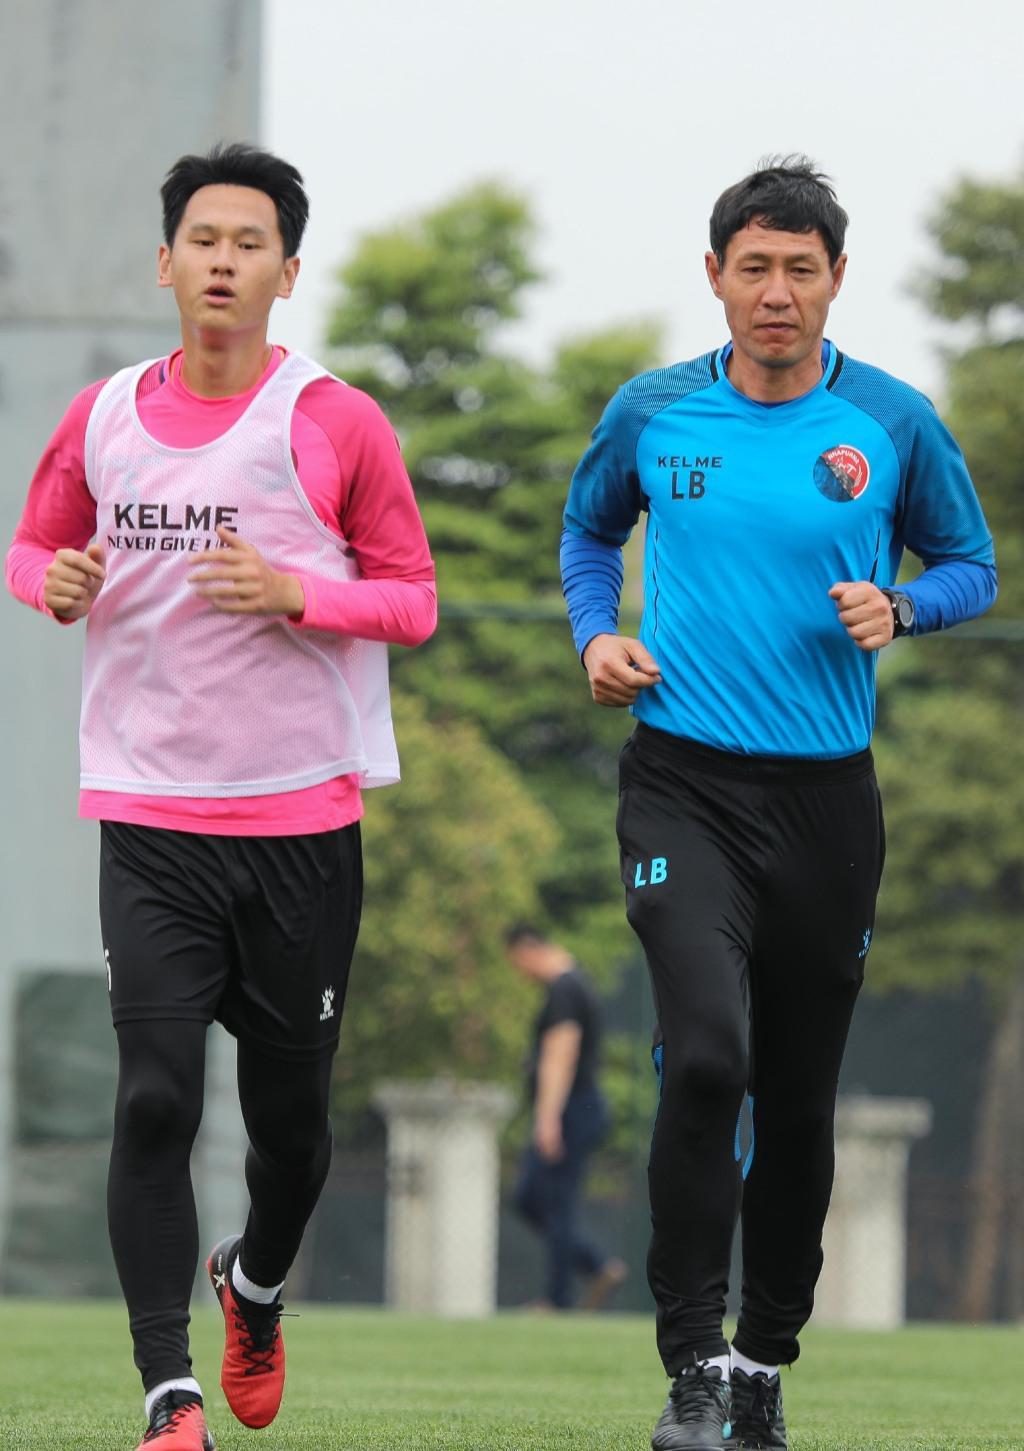 15连胜创纪录!中国足球先生在中乙恒大练级,去年被外援殴打后下课